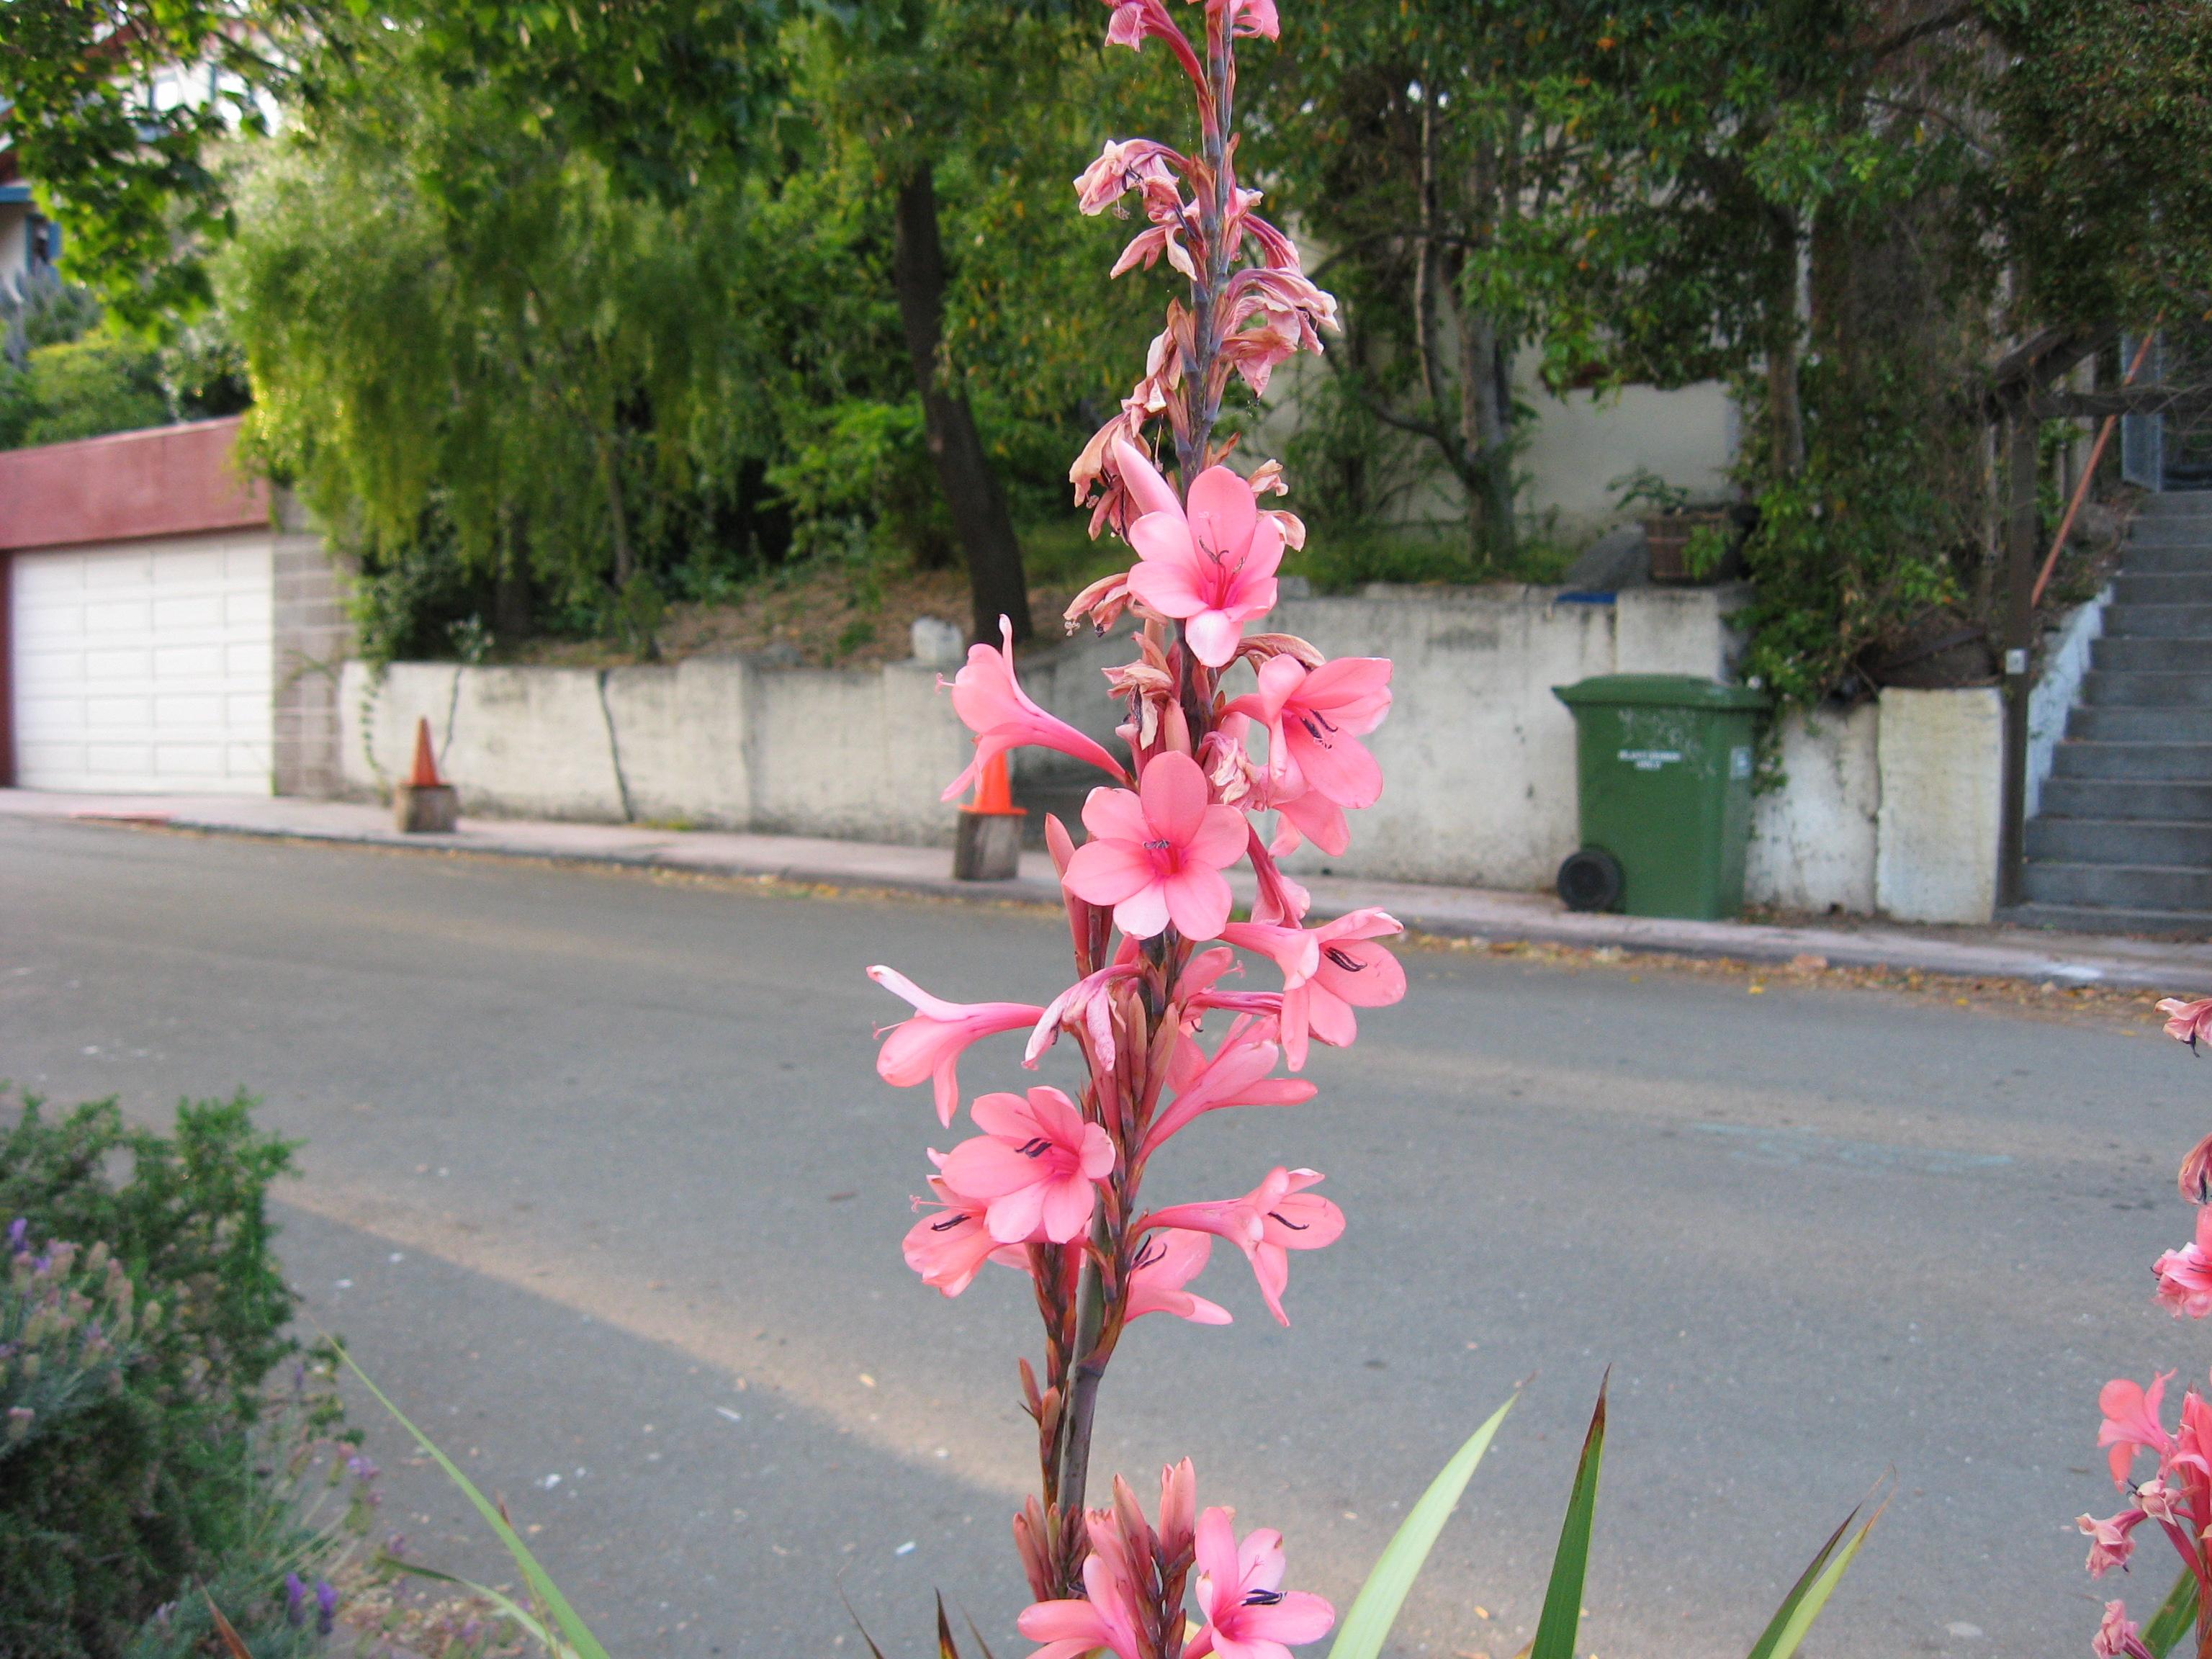 Tall flower